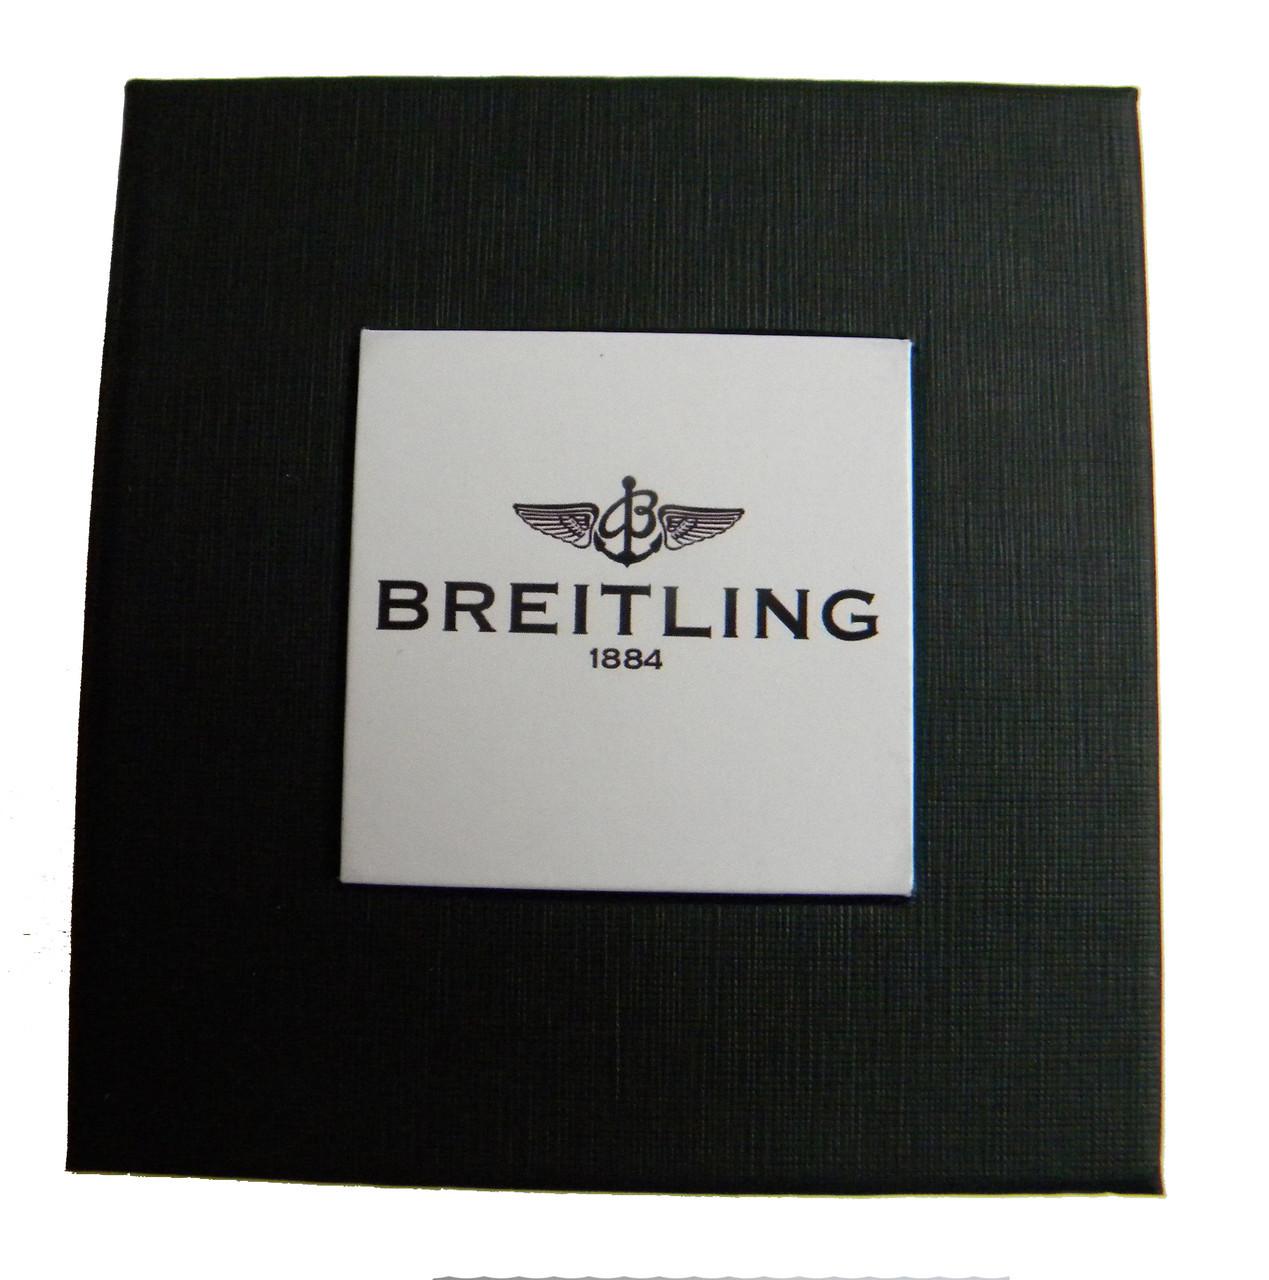 Подарочная упаковка - коробка для часов, Breitling (Брайтлинг), черный с белым